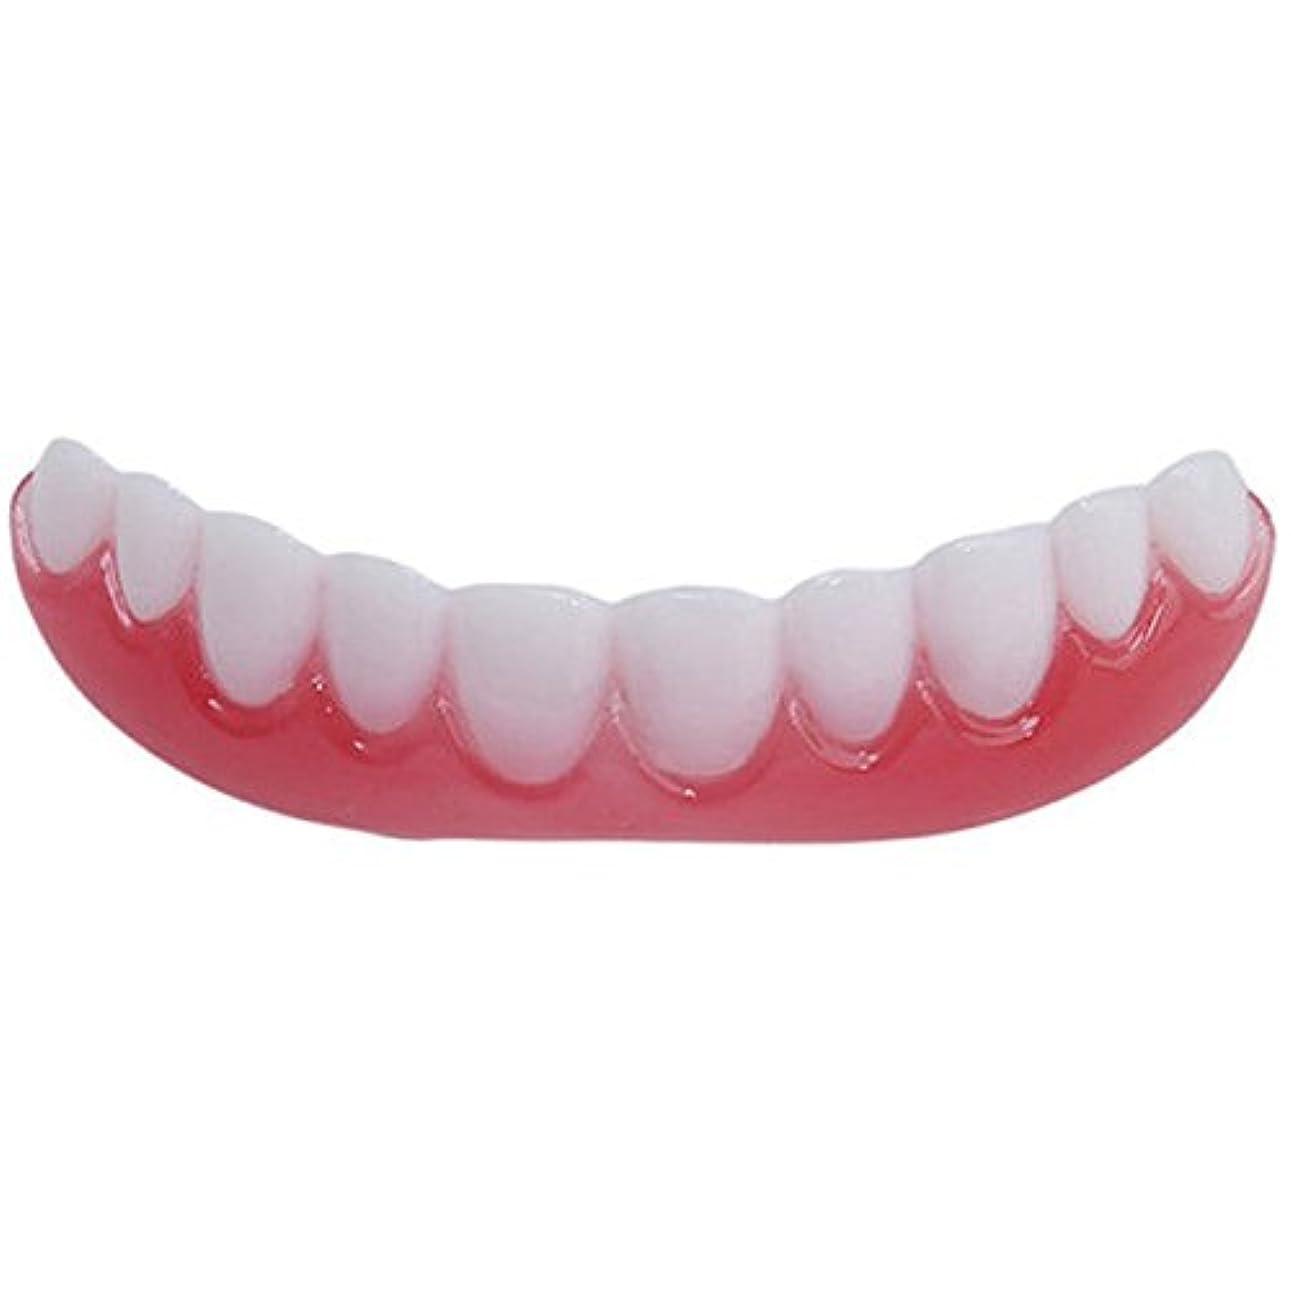 四回胃塊Fashionwu 矯正 義歯 シリコン スマイル ベニア シミュレーション フレックス ペースト